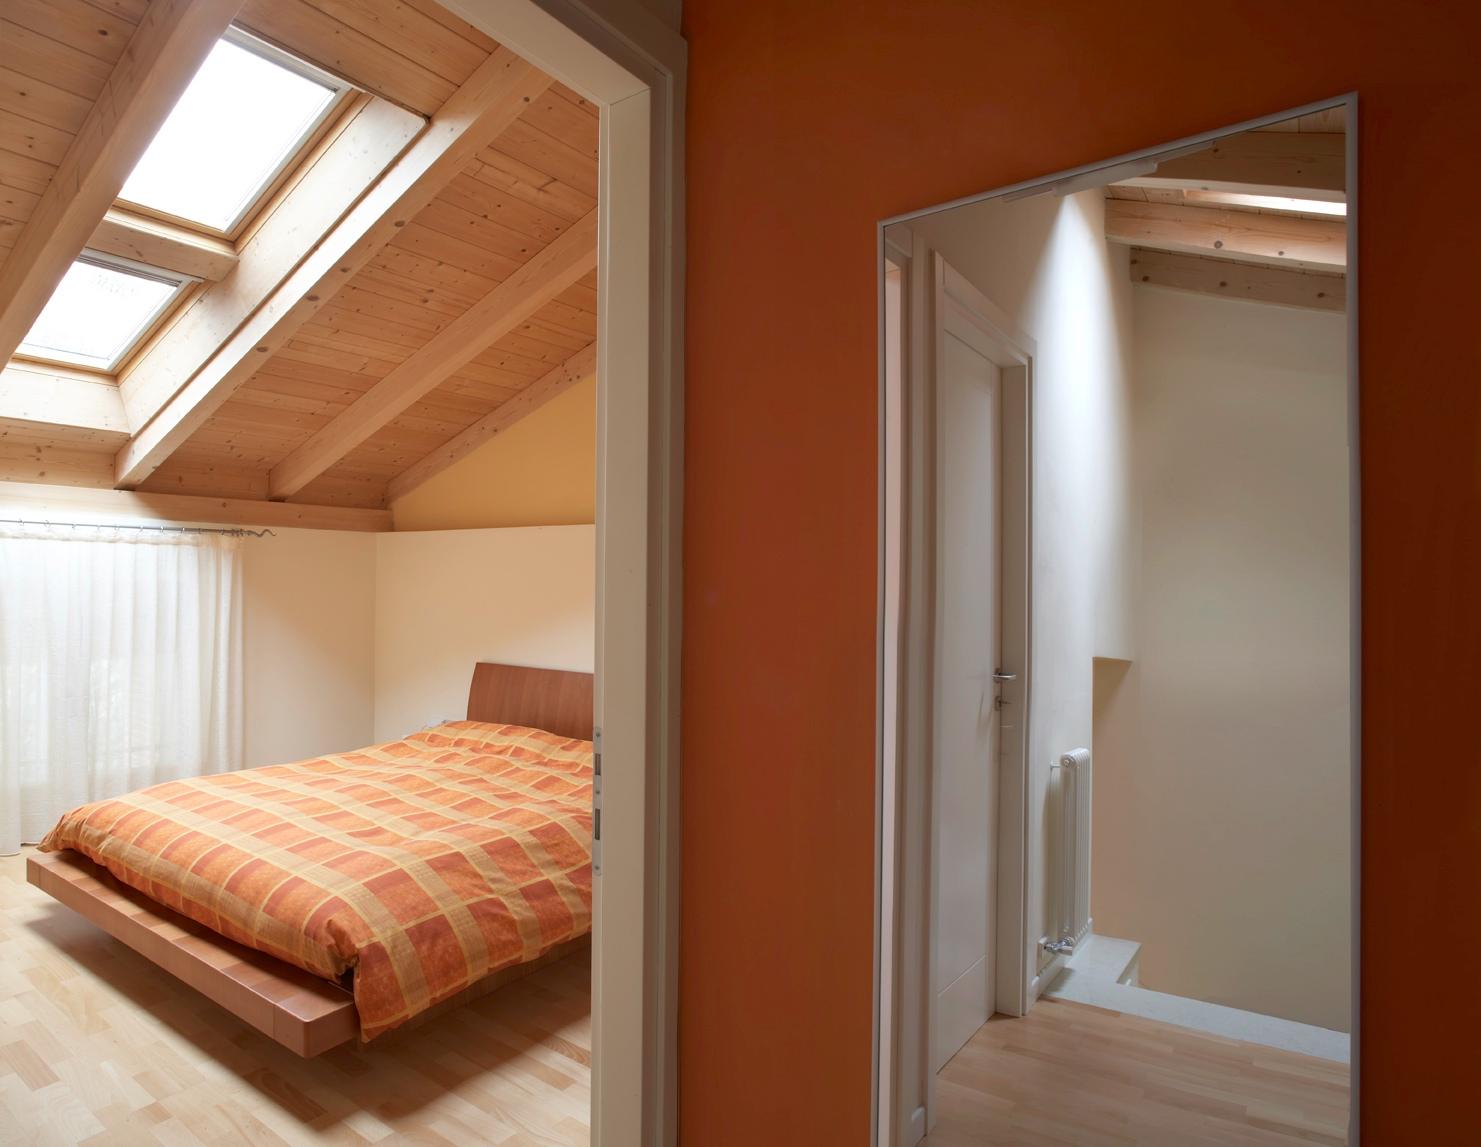 Tetto in legno per una mansarda luminosa e accogliente for Camera da letto matrimoniale in mansarda